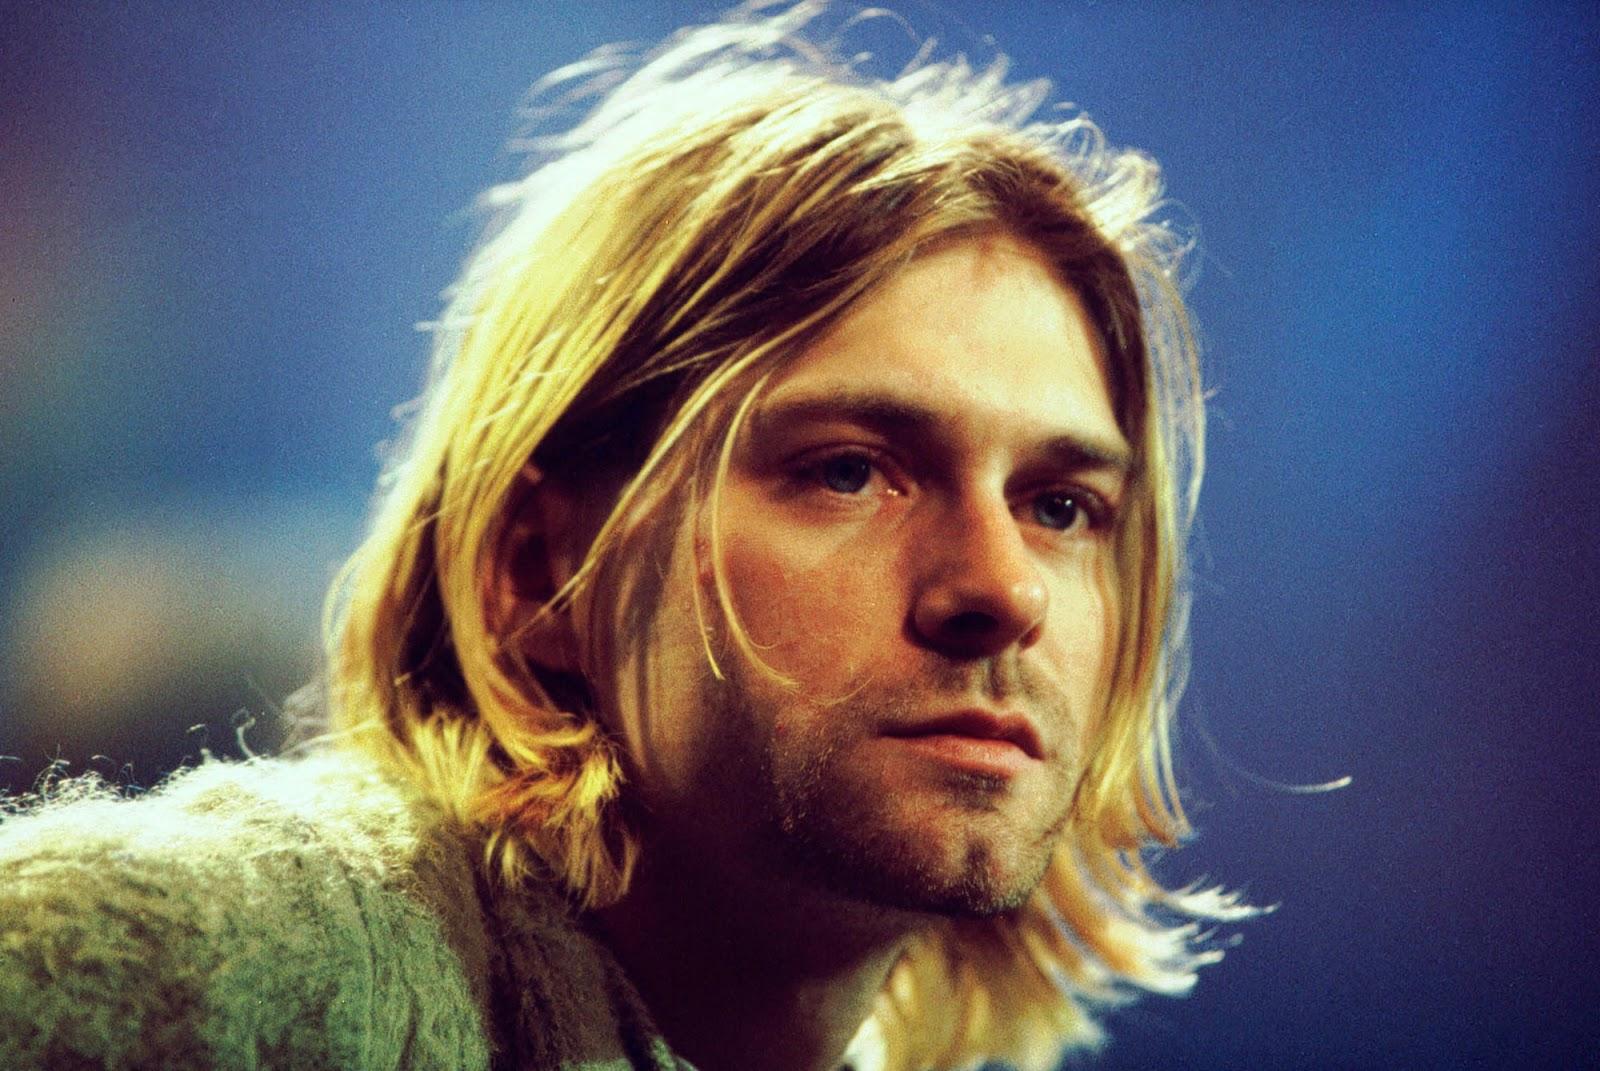 Kurt Cobain, cantante de la banda Nirvana